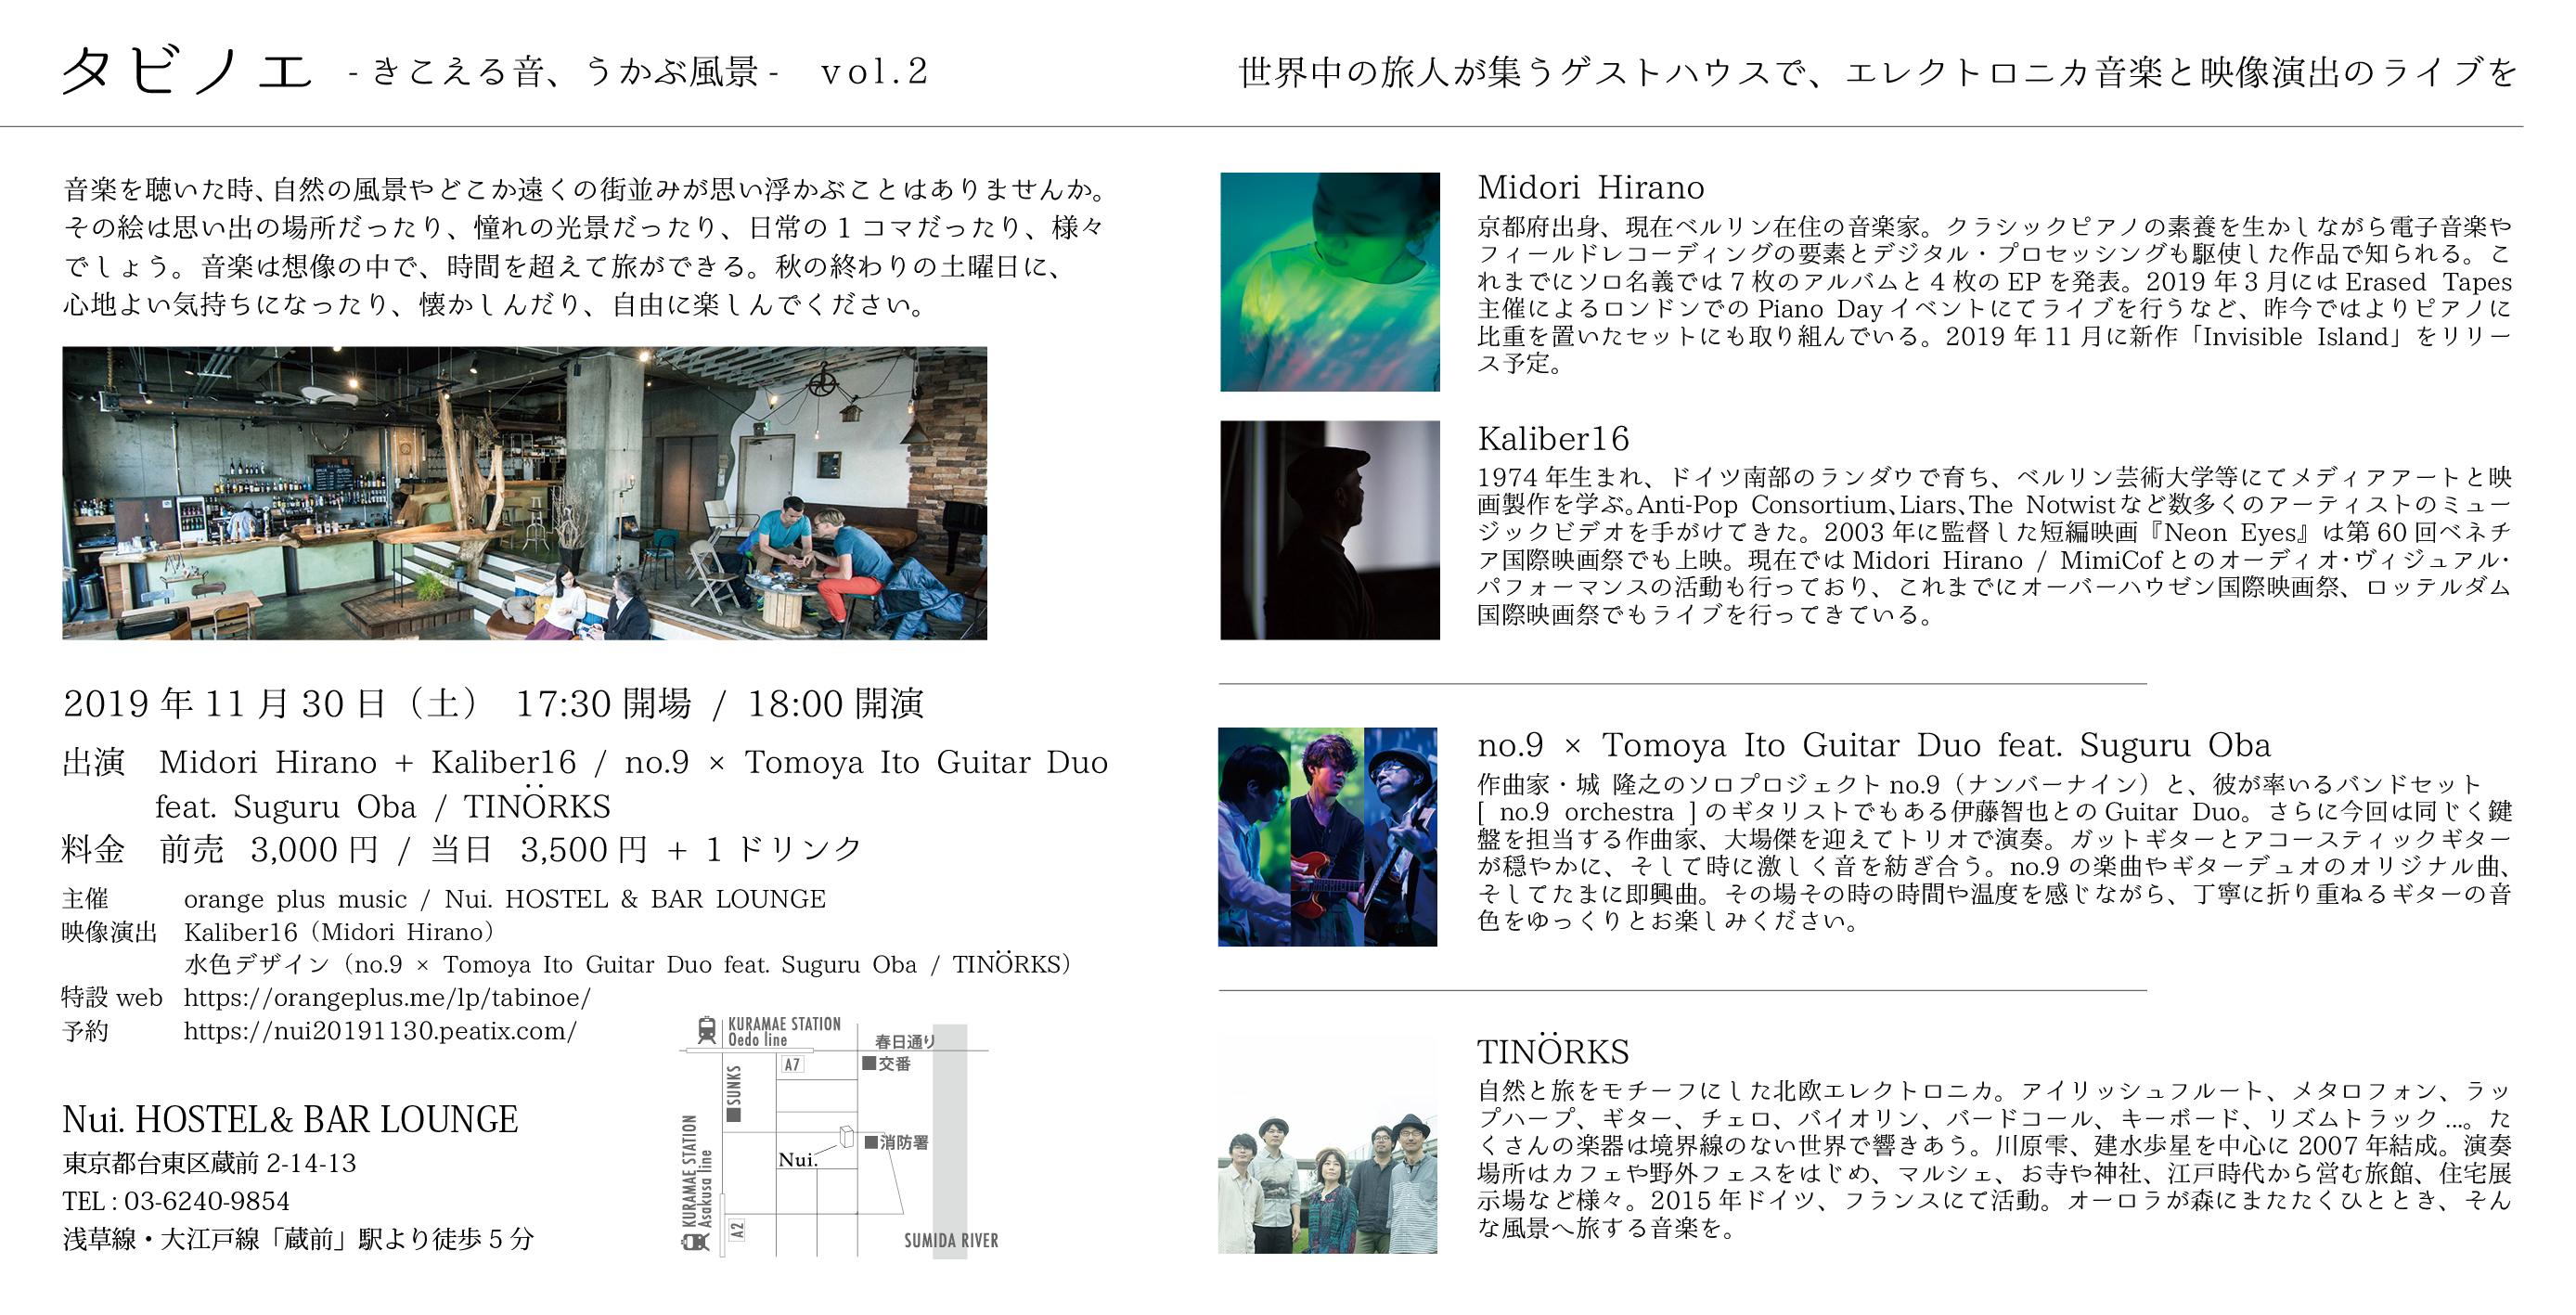 タビノエ - きこえる音、うかぶ風景 - vol.2